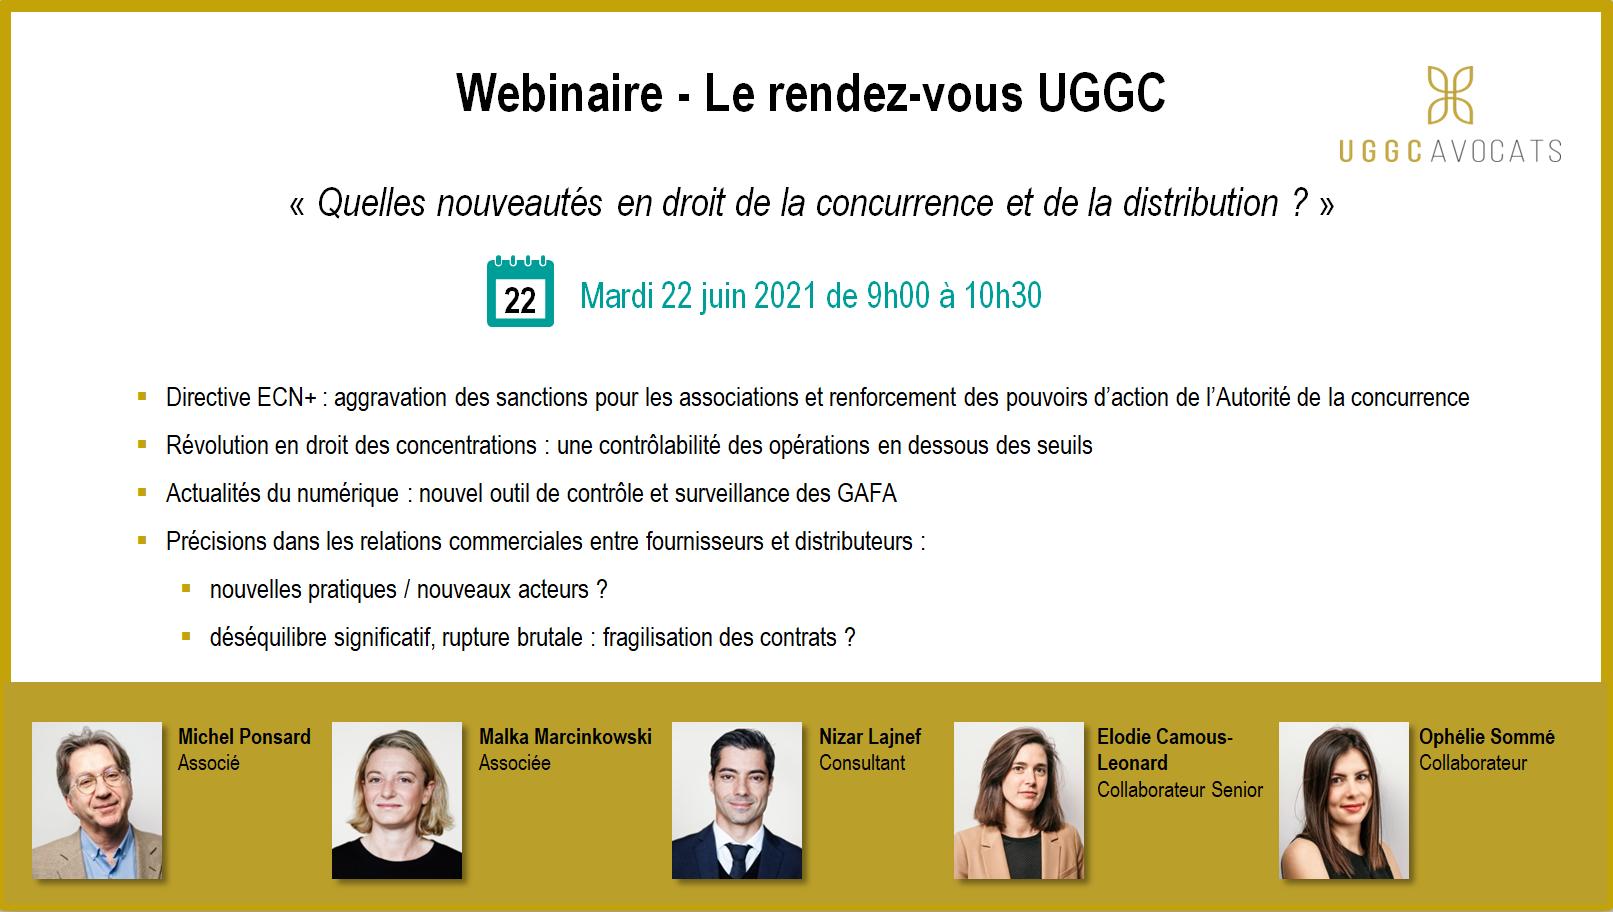 UGGC - Visuel de linvitation 2 1